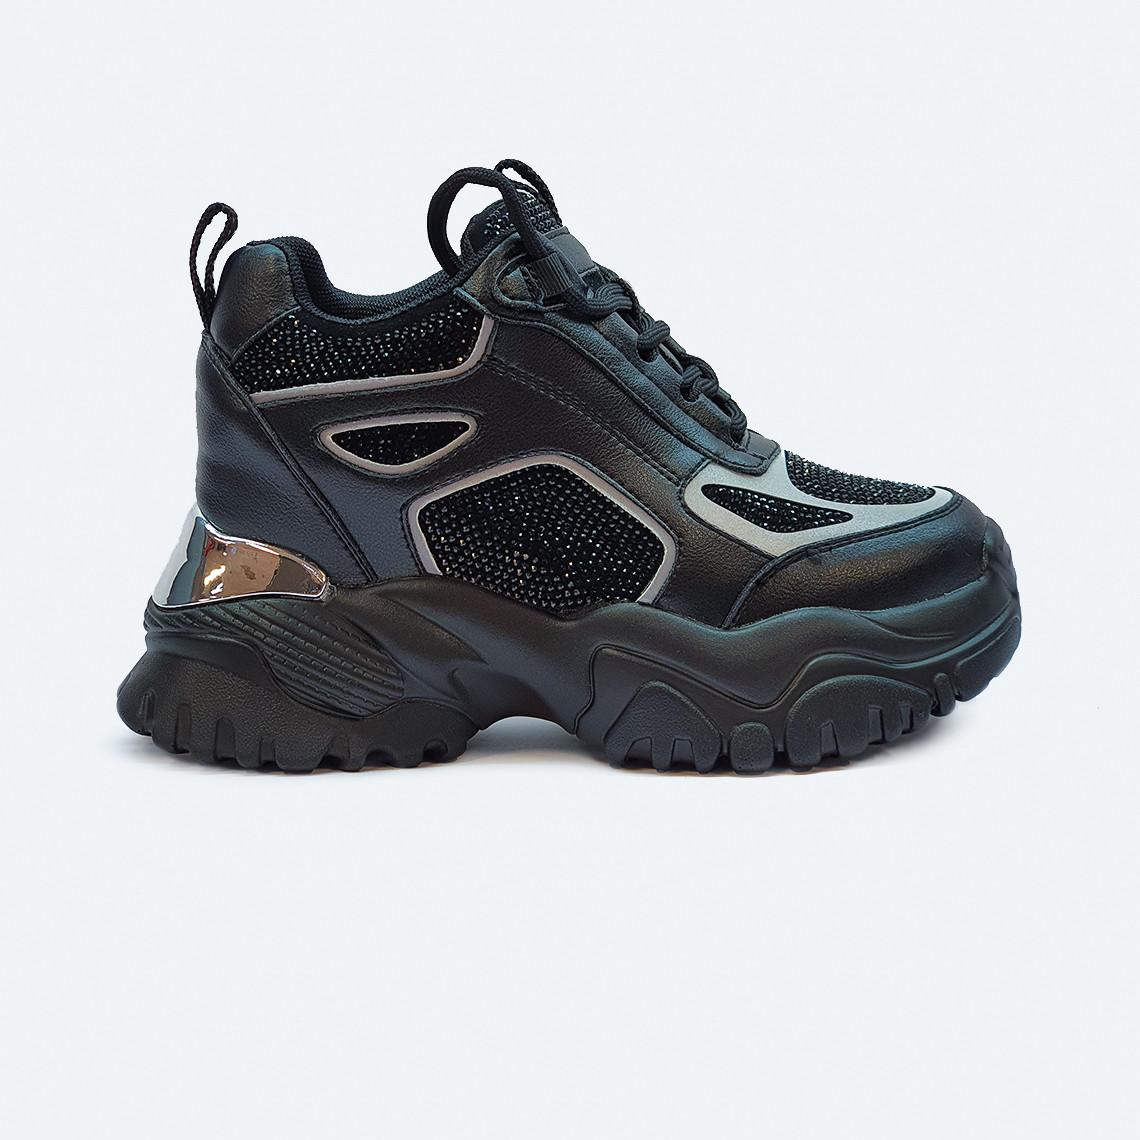 Черные женские кроссовки на платформе со стразами